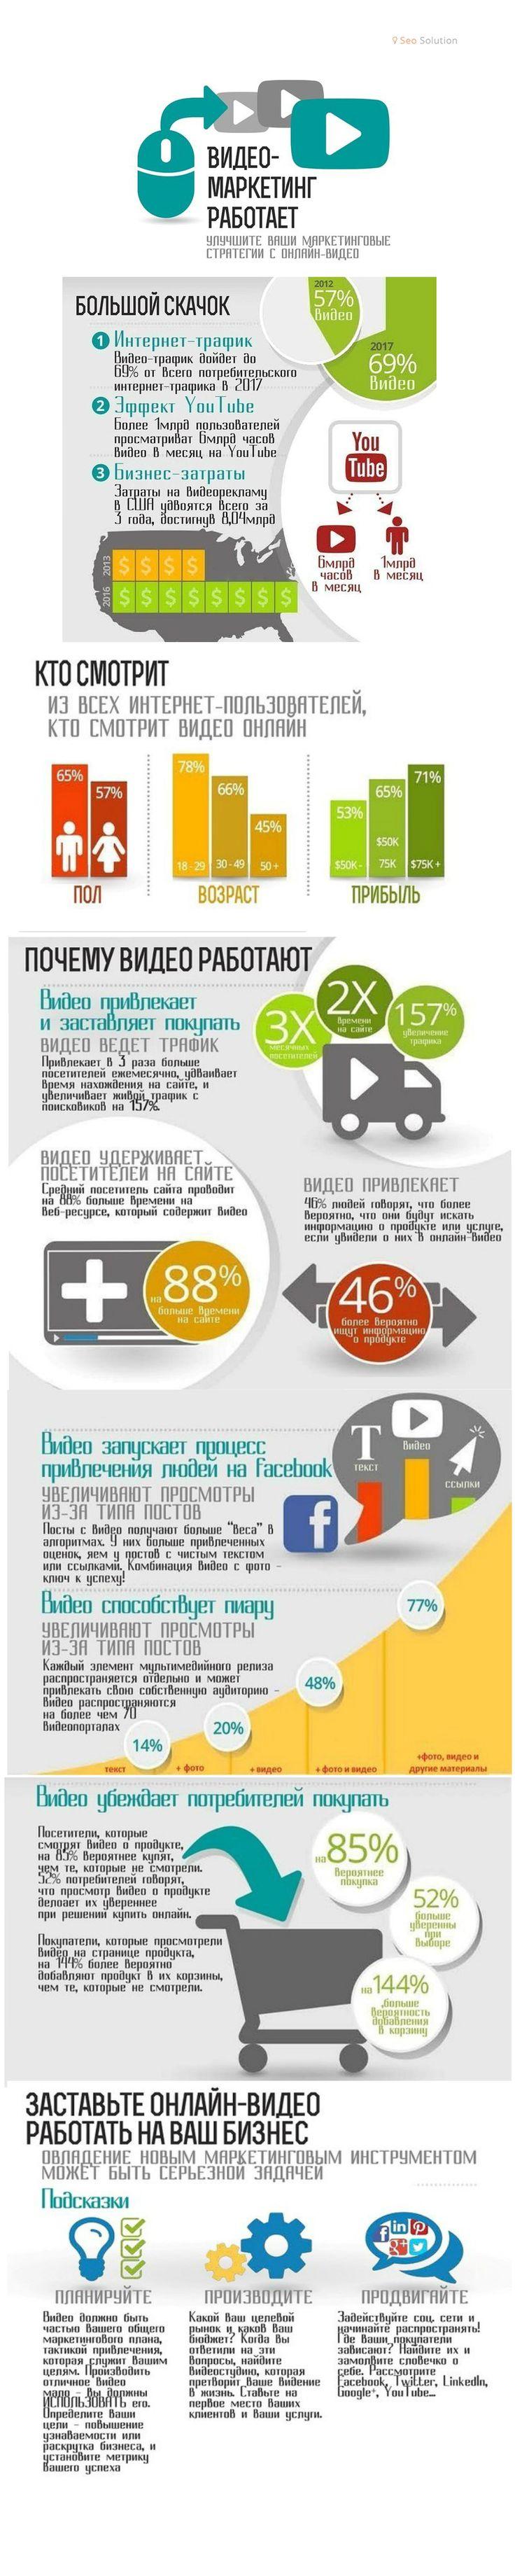 Улучшение маркетинговой стратегии посредством онлайн видео